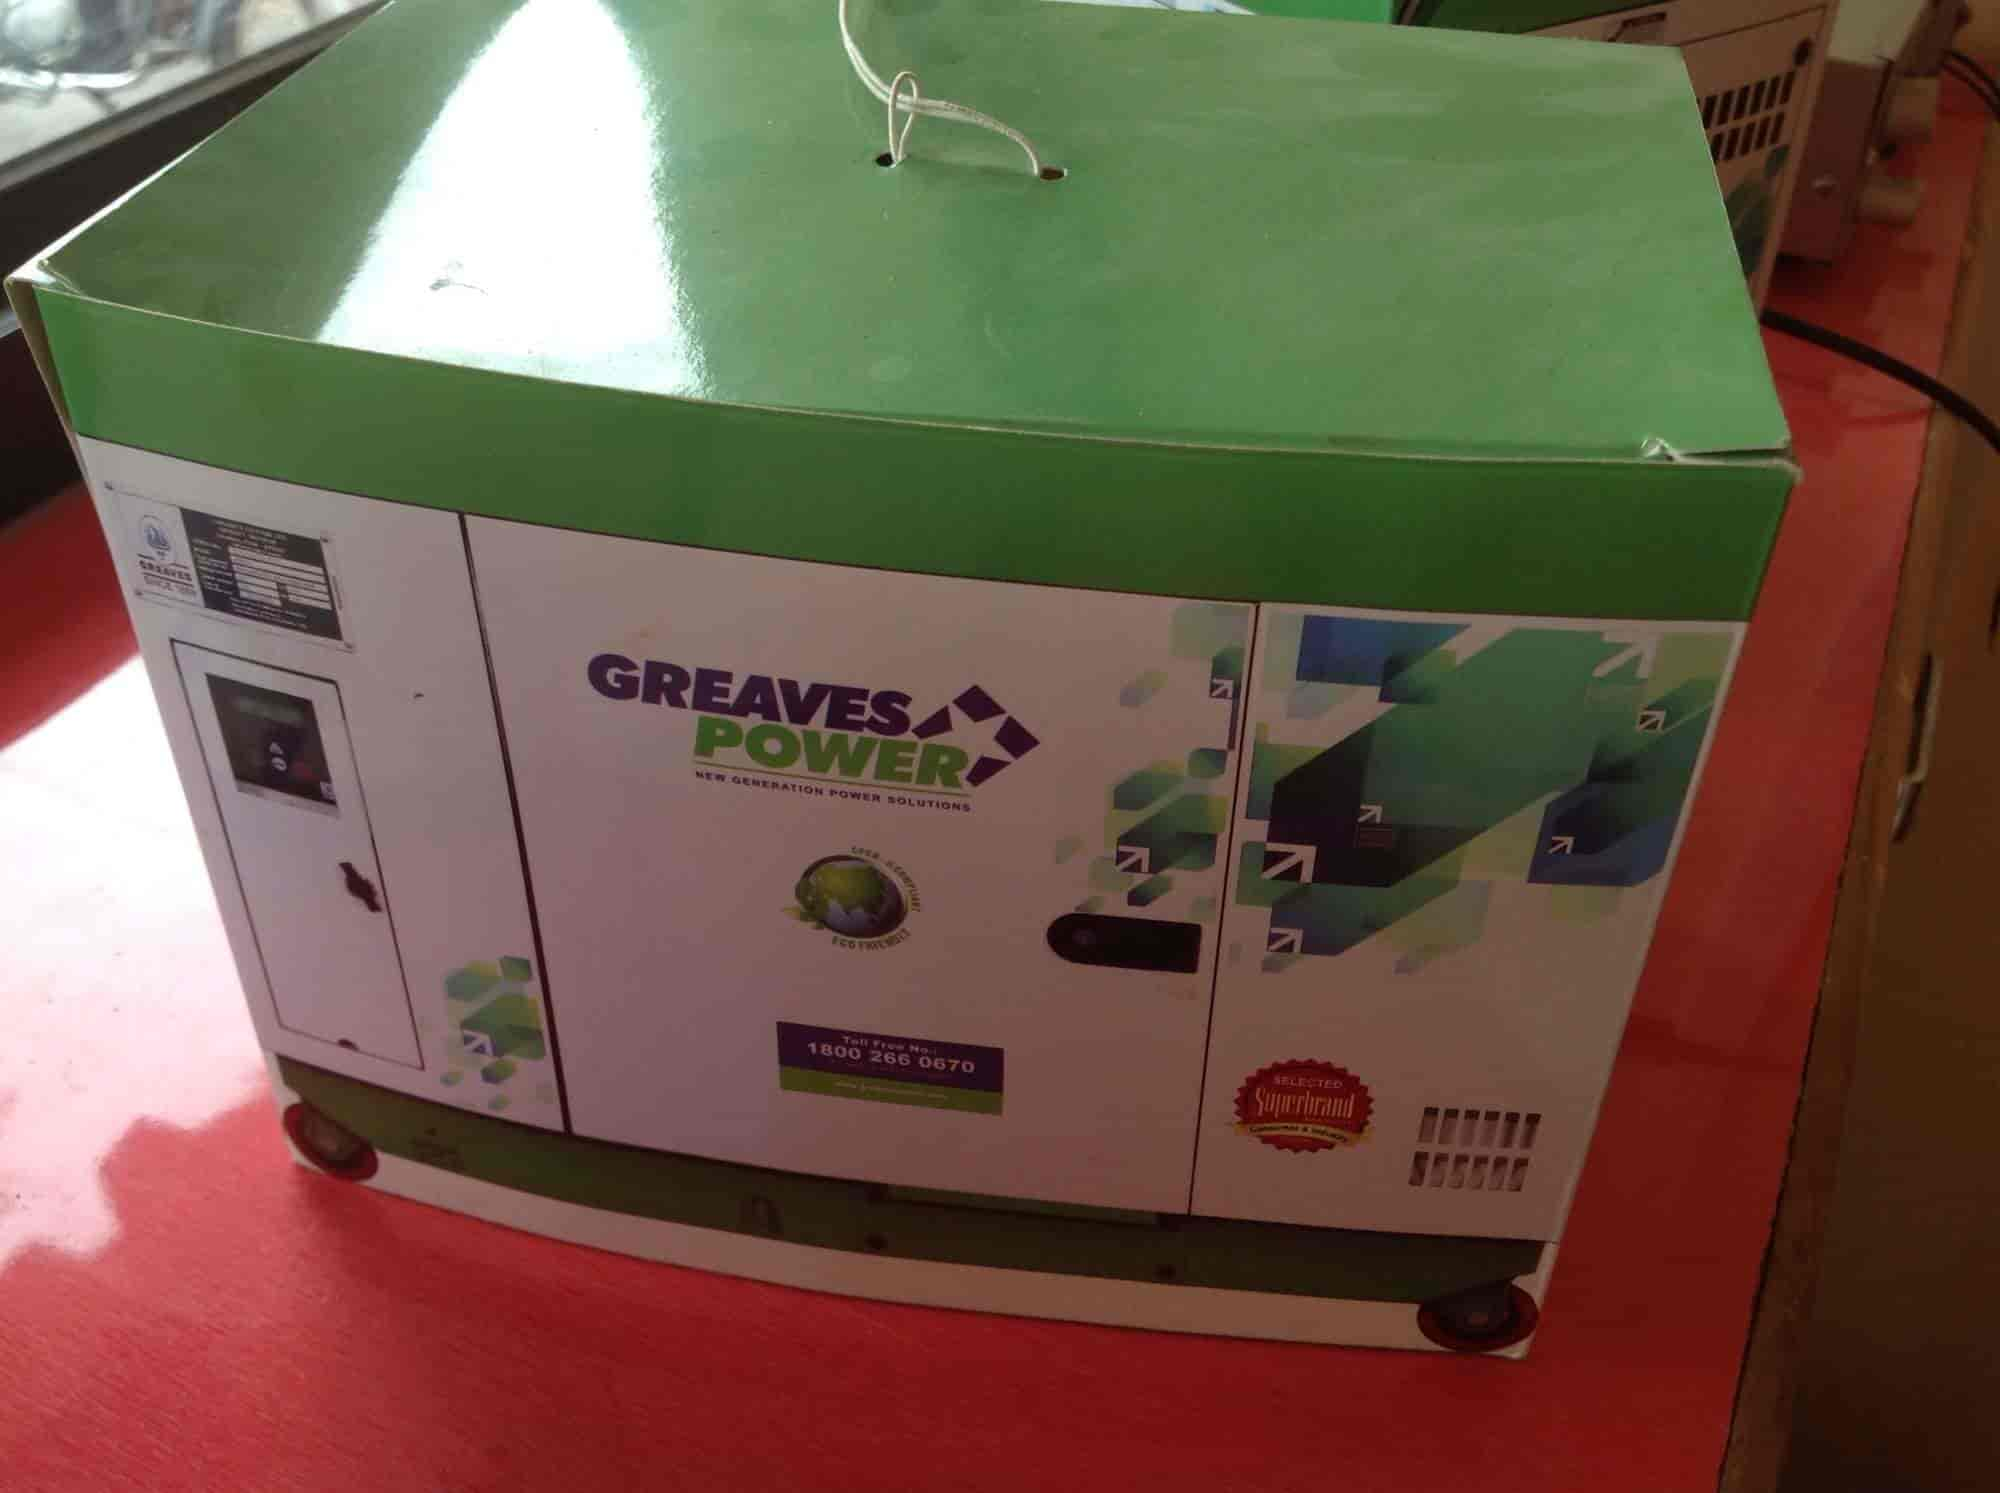 Rohit Diesel Generator Sales & Service Devpur Diesel Generator